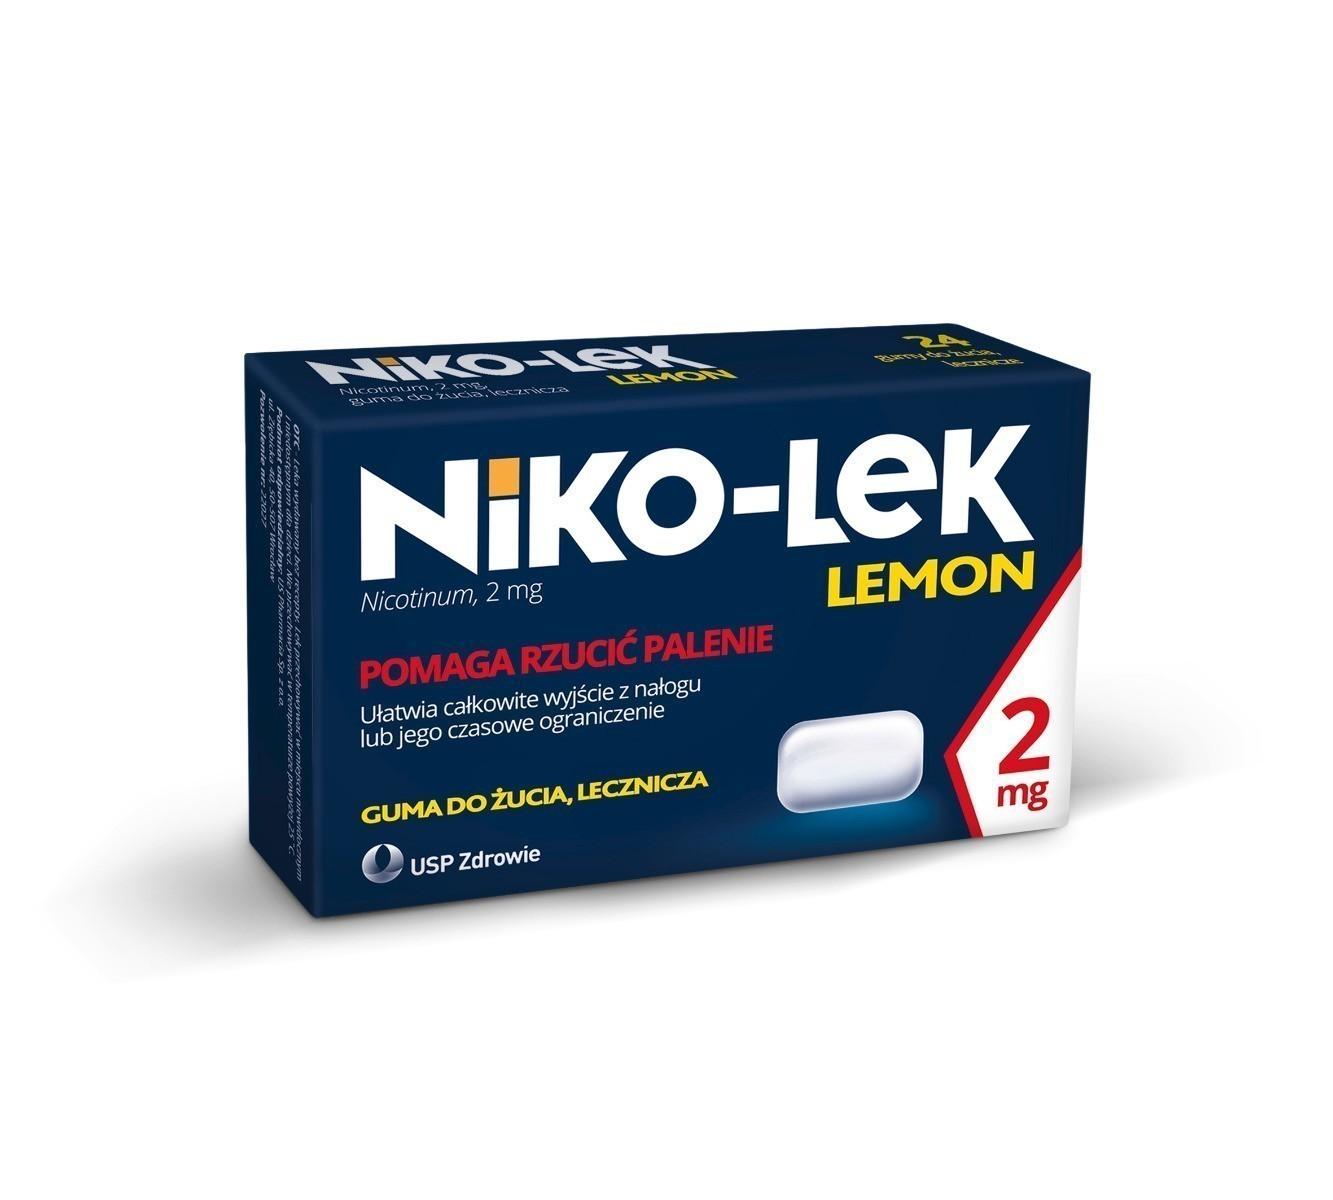 Niko-Lek Lemon